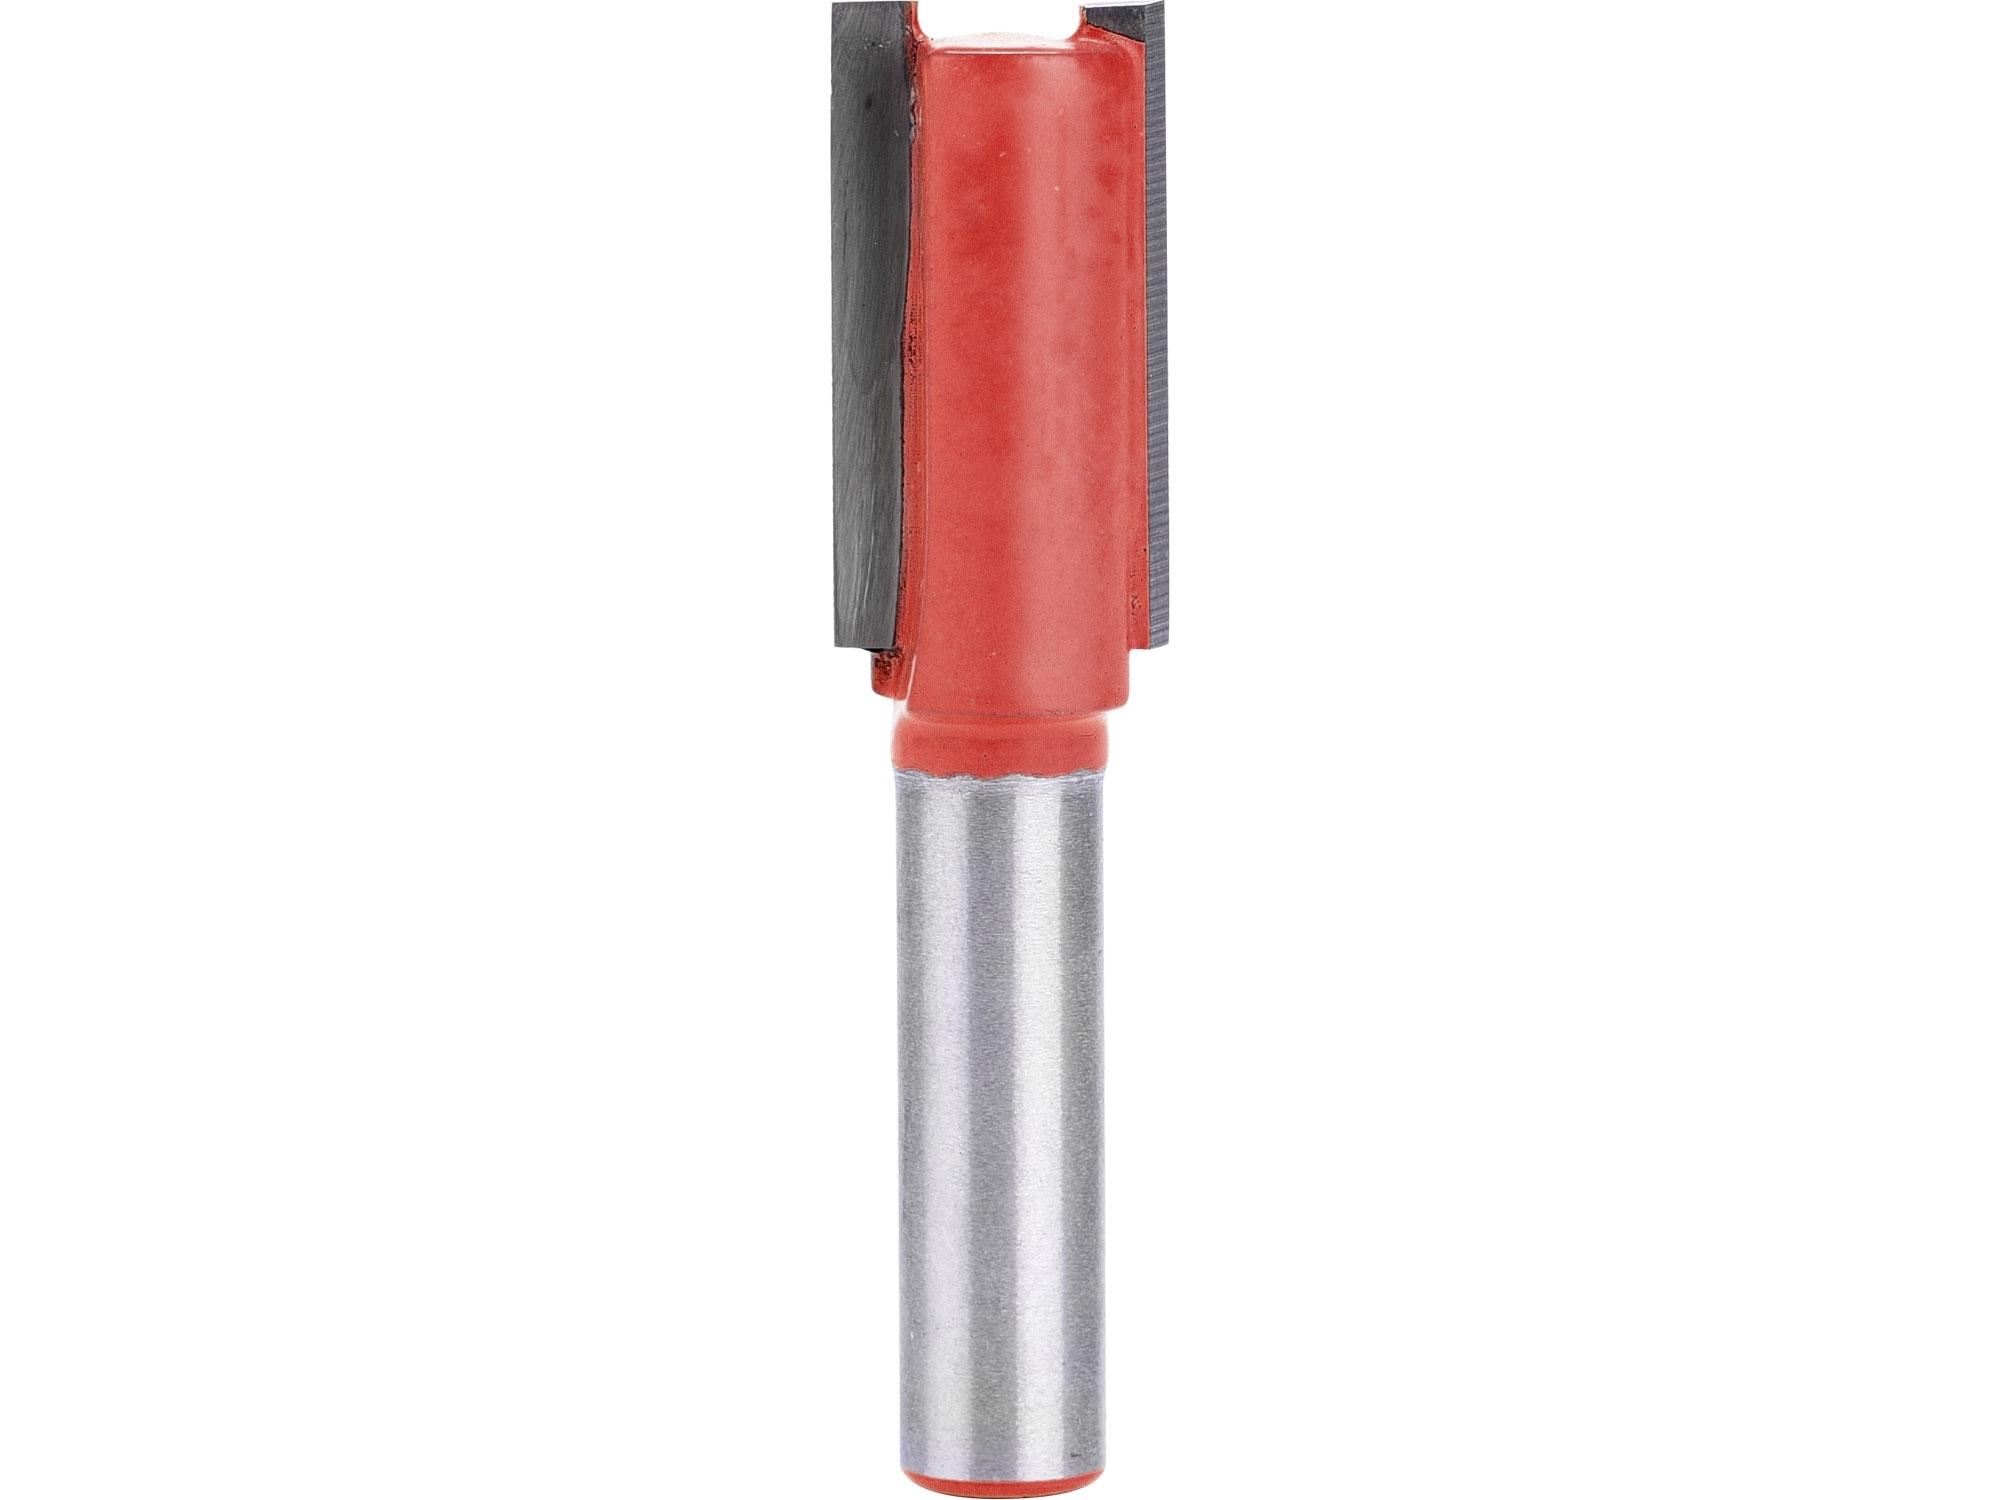 fréza drážkovací do dřeva, D6,3 x H25; průměr stopky 8mm